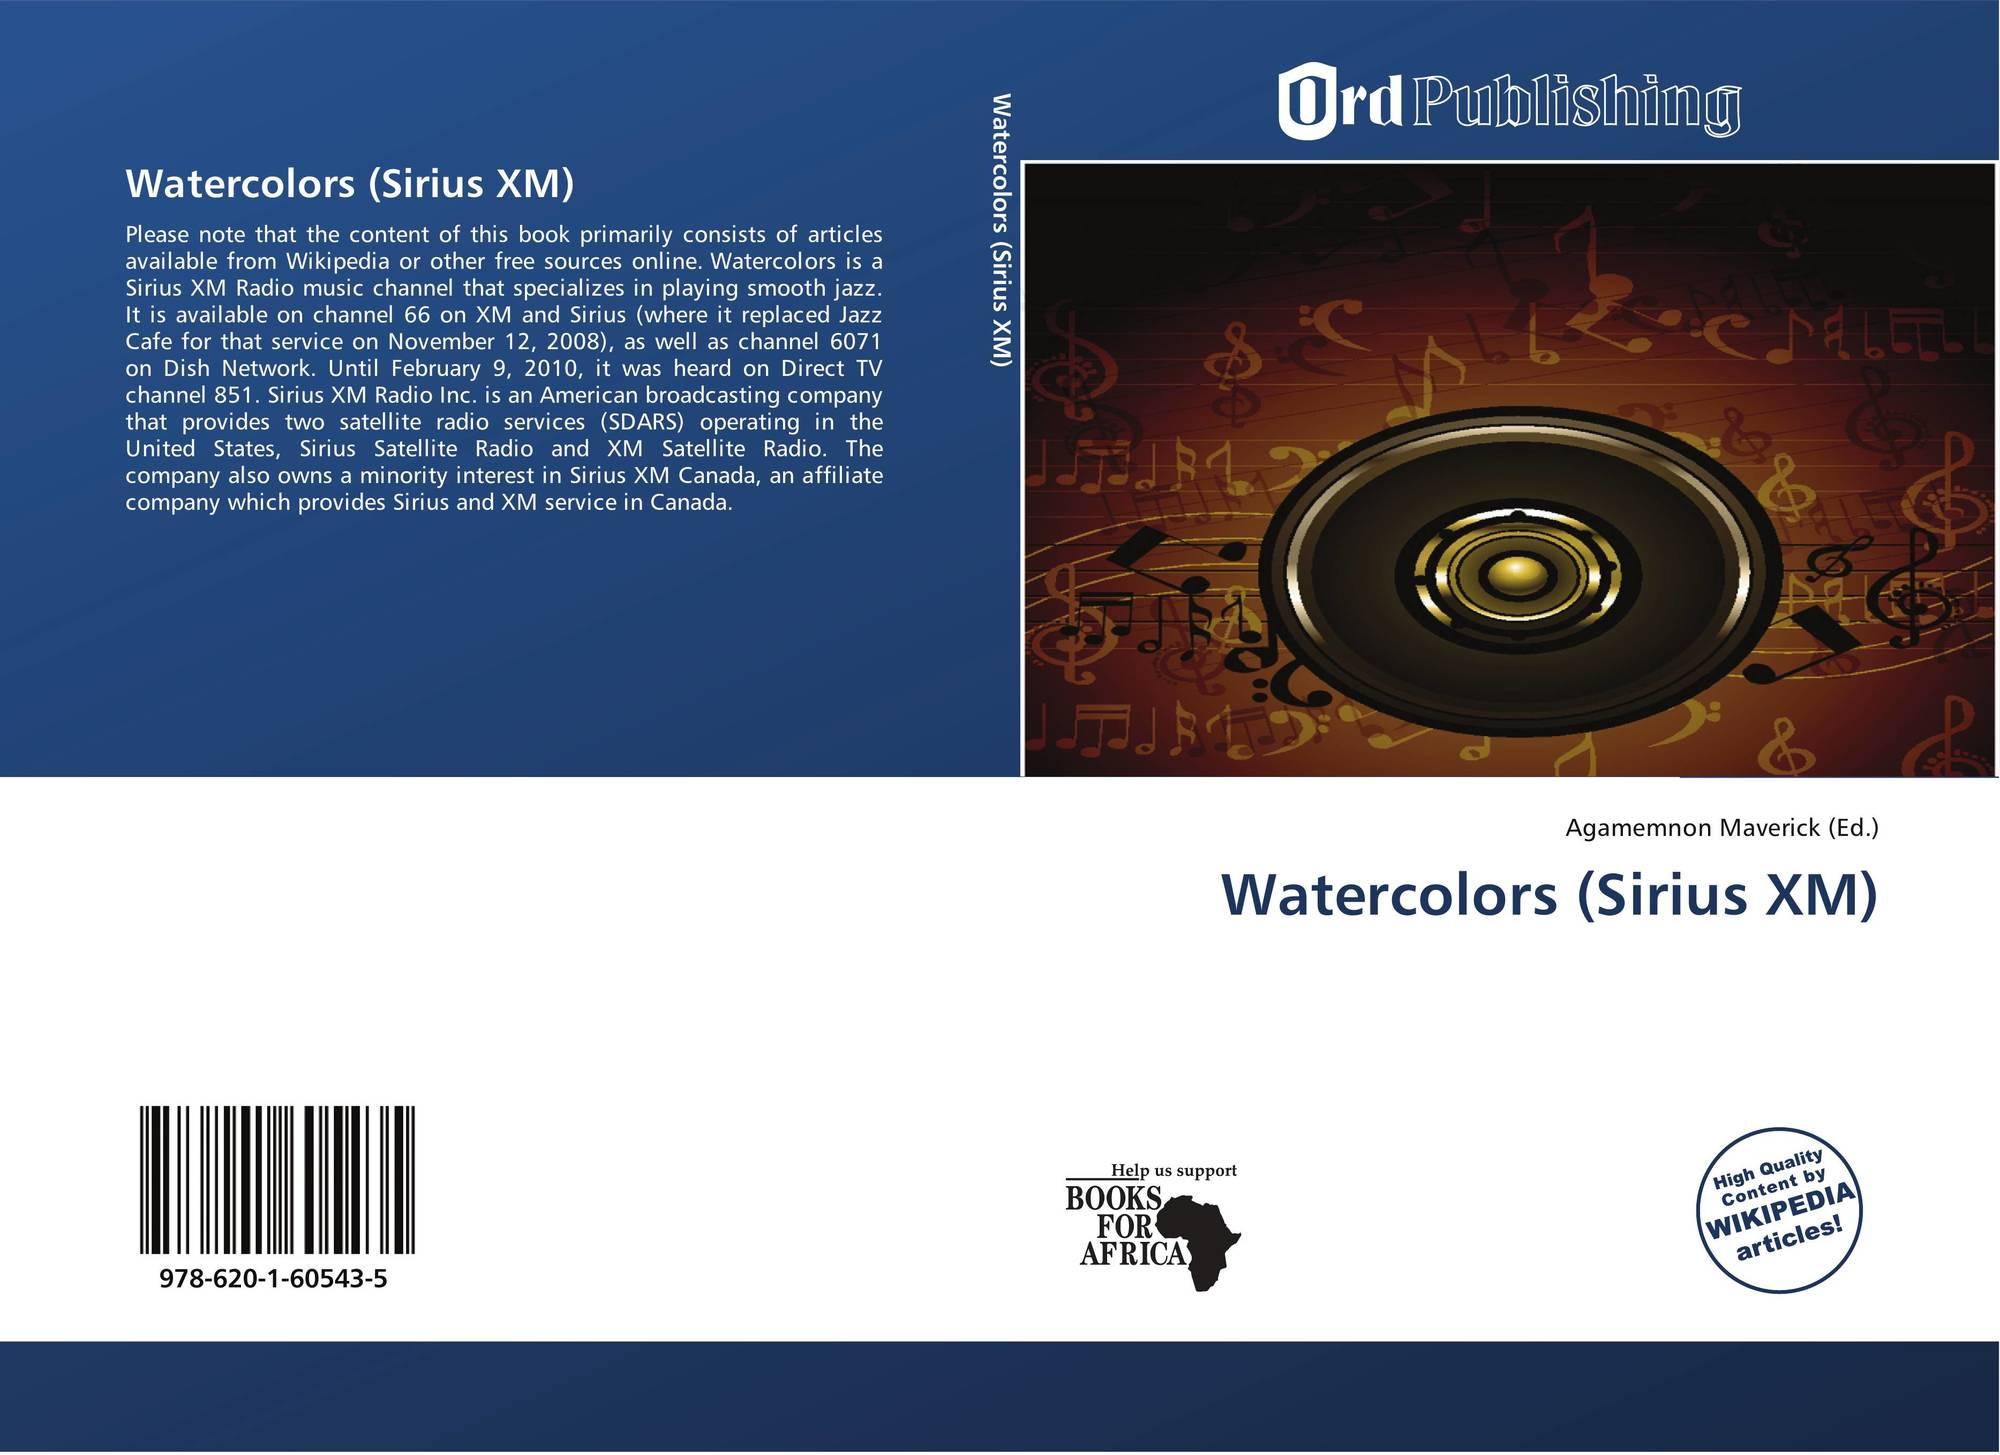 Direct Tv Satellite >> Watercolors (Sirius XM), 978-620-1-60543-5, 6201605436 ,9786201605435